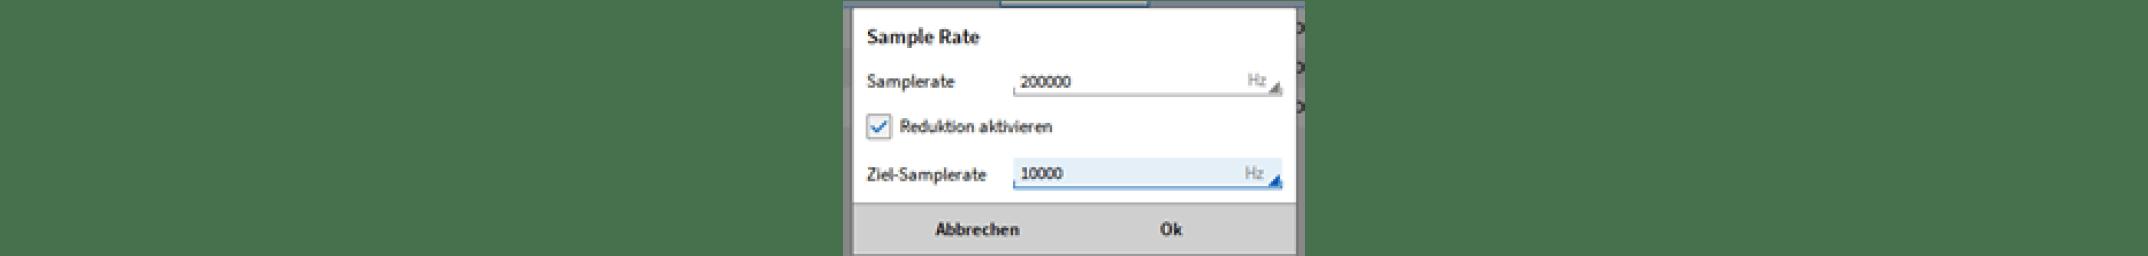 Fenster zum Aktivieren der Reduktion in OXYGEN 5.2